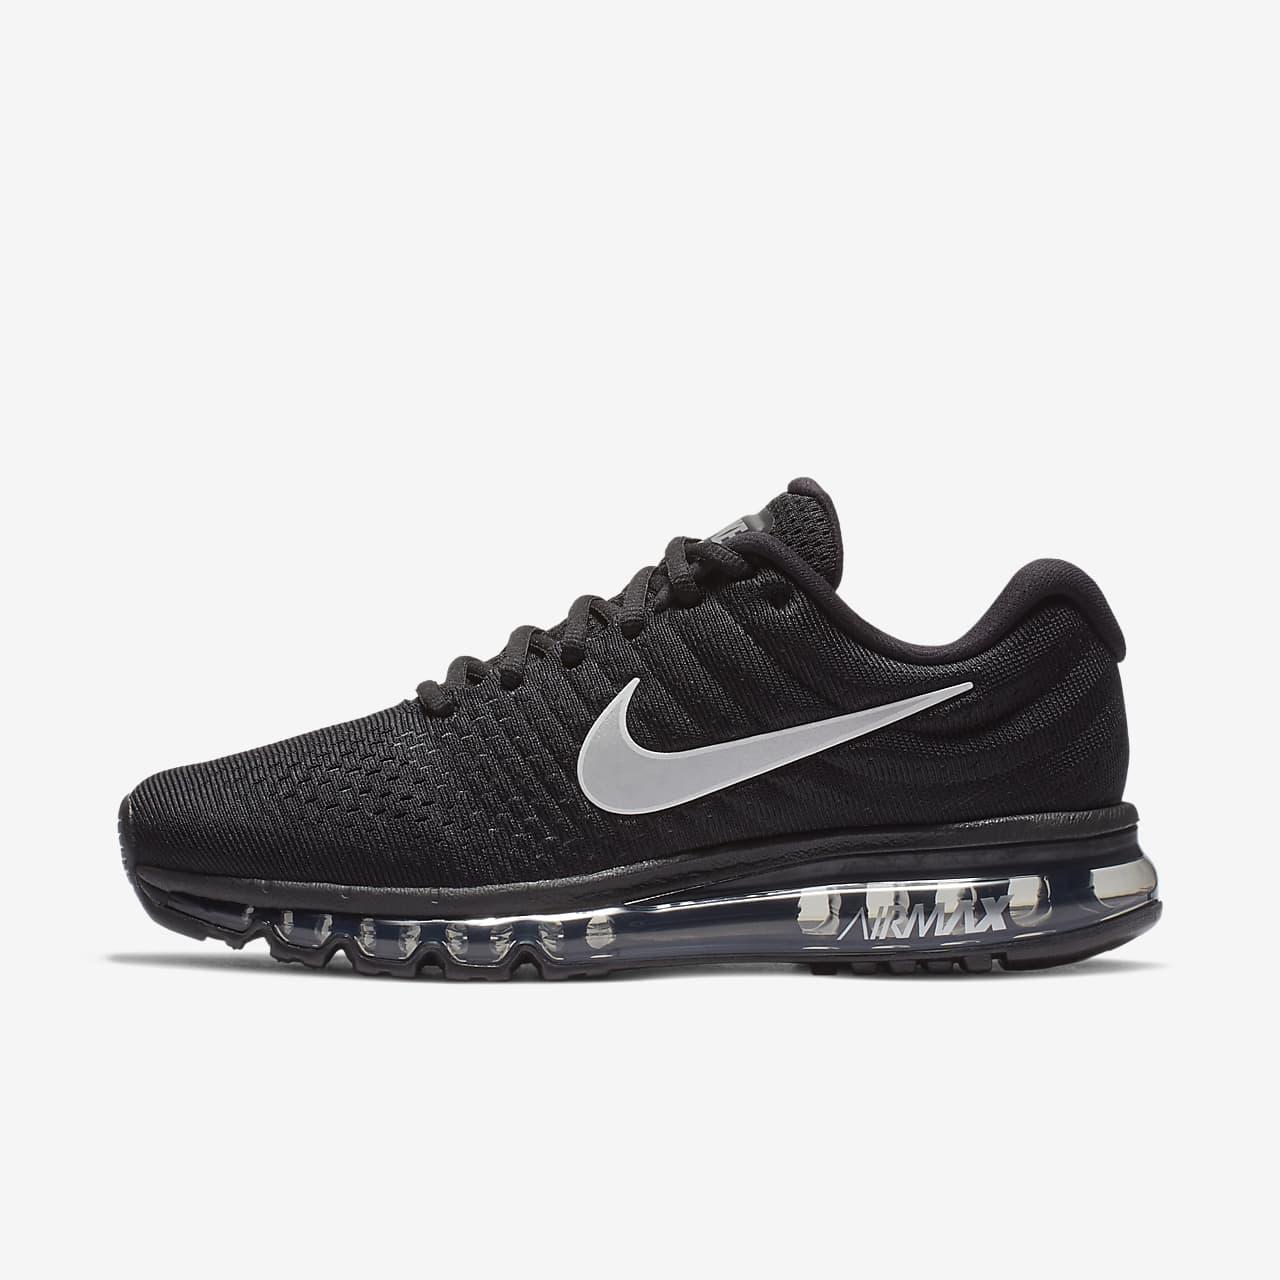 ... Nike Air Max 2017 Hardloopschoen heren